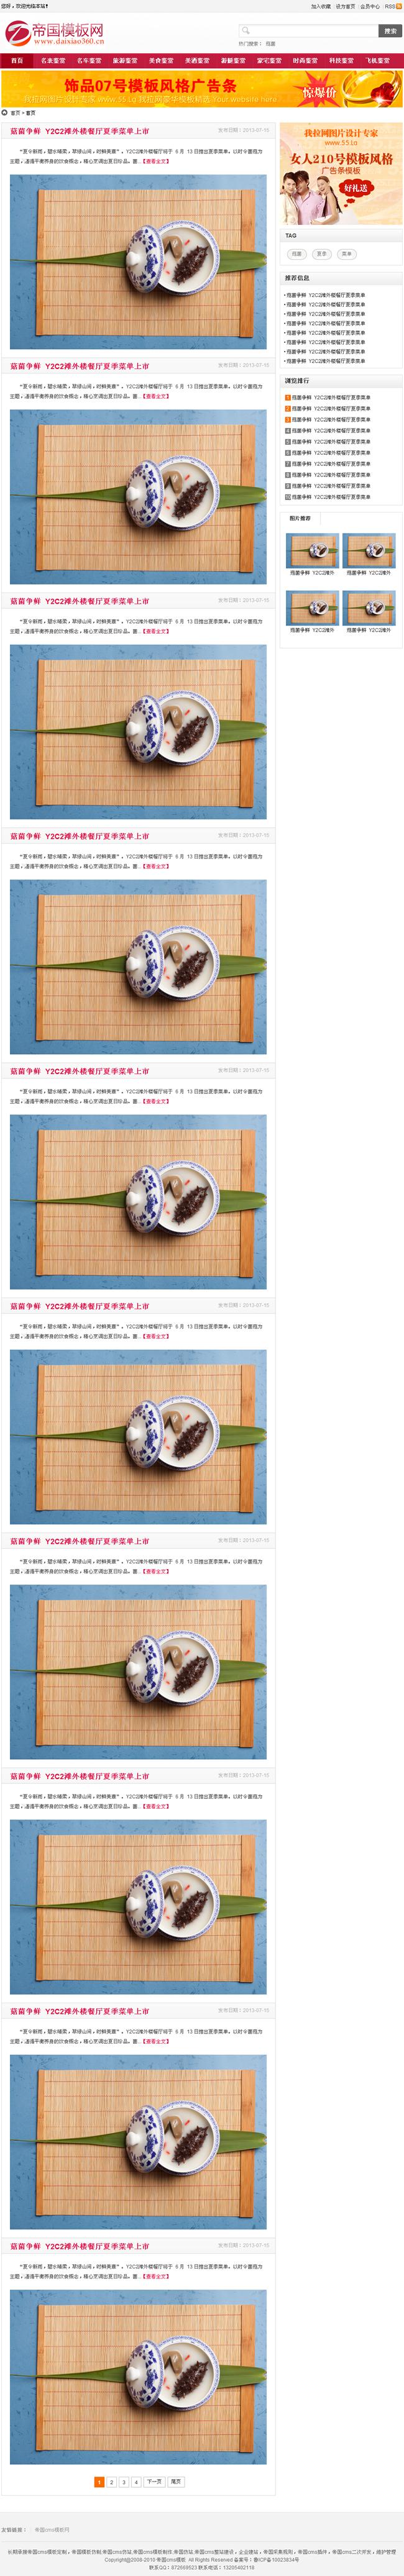 帝国cms博客型新闻文章资讯图片模板_首页